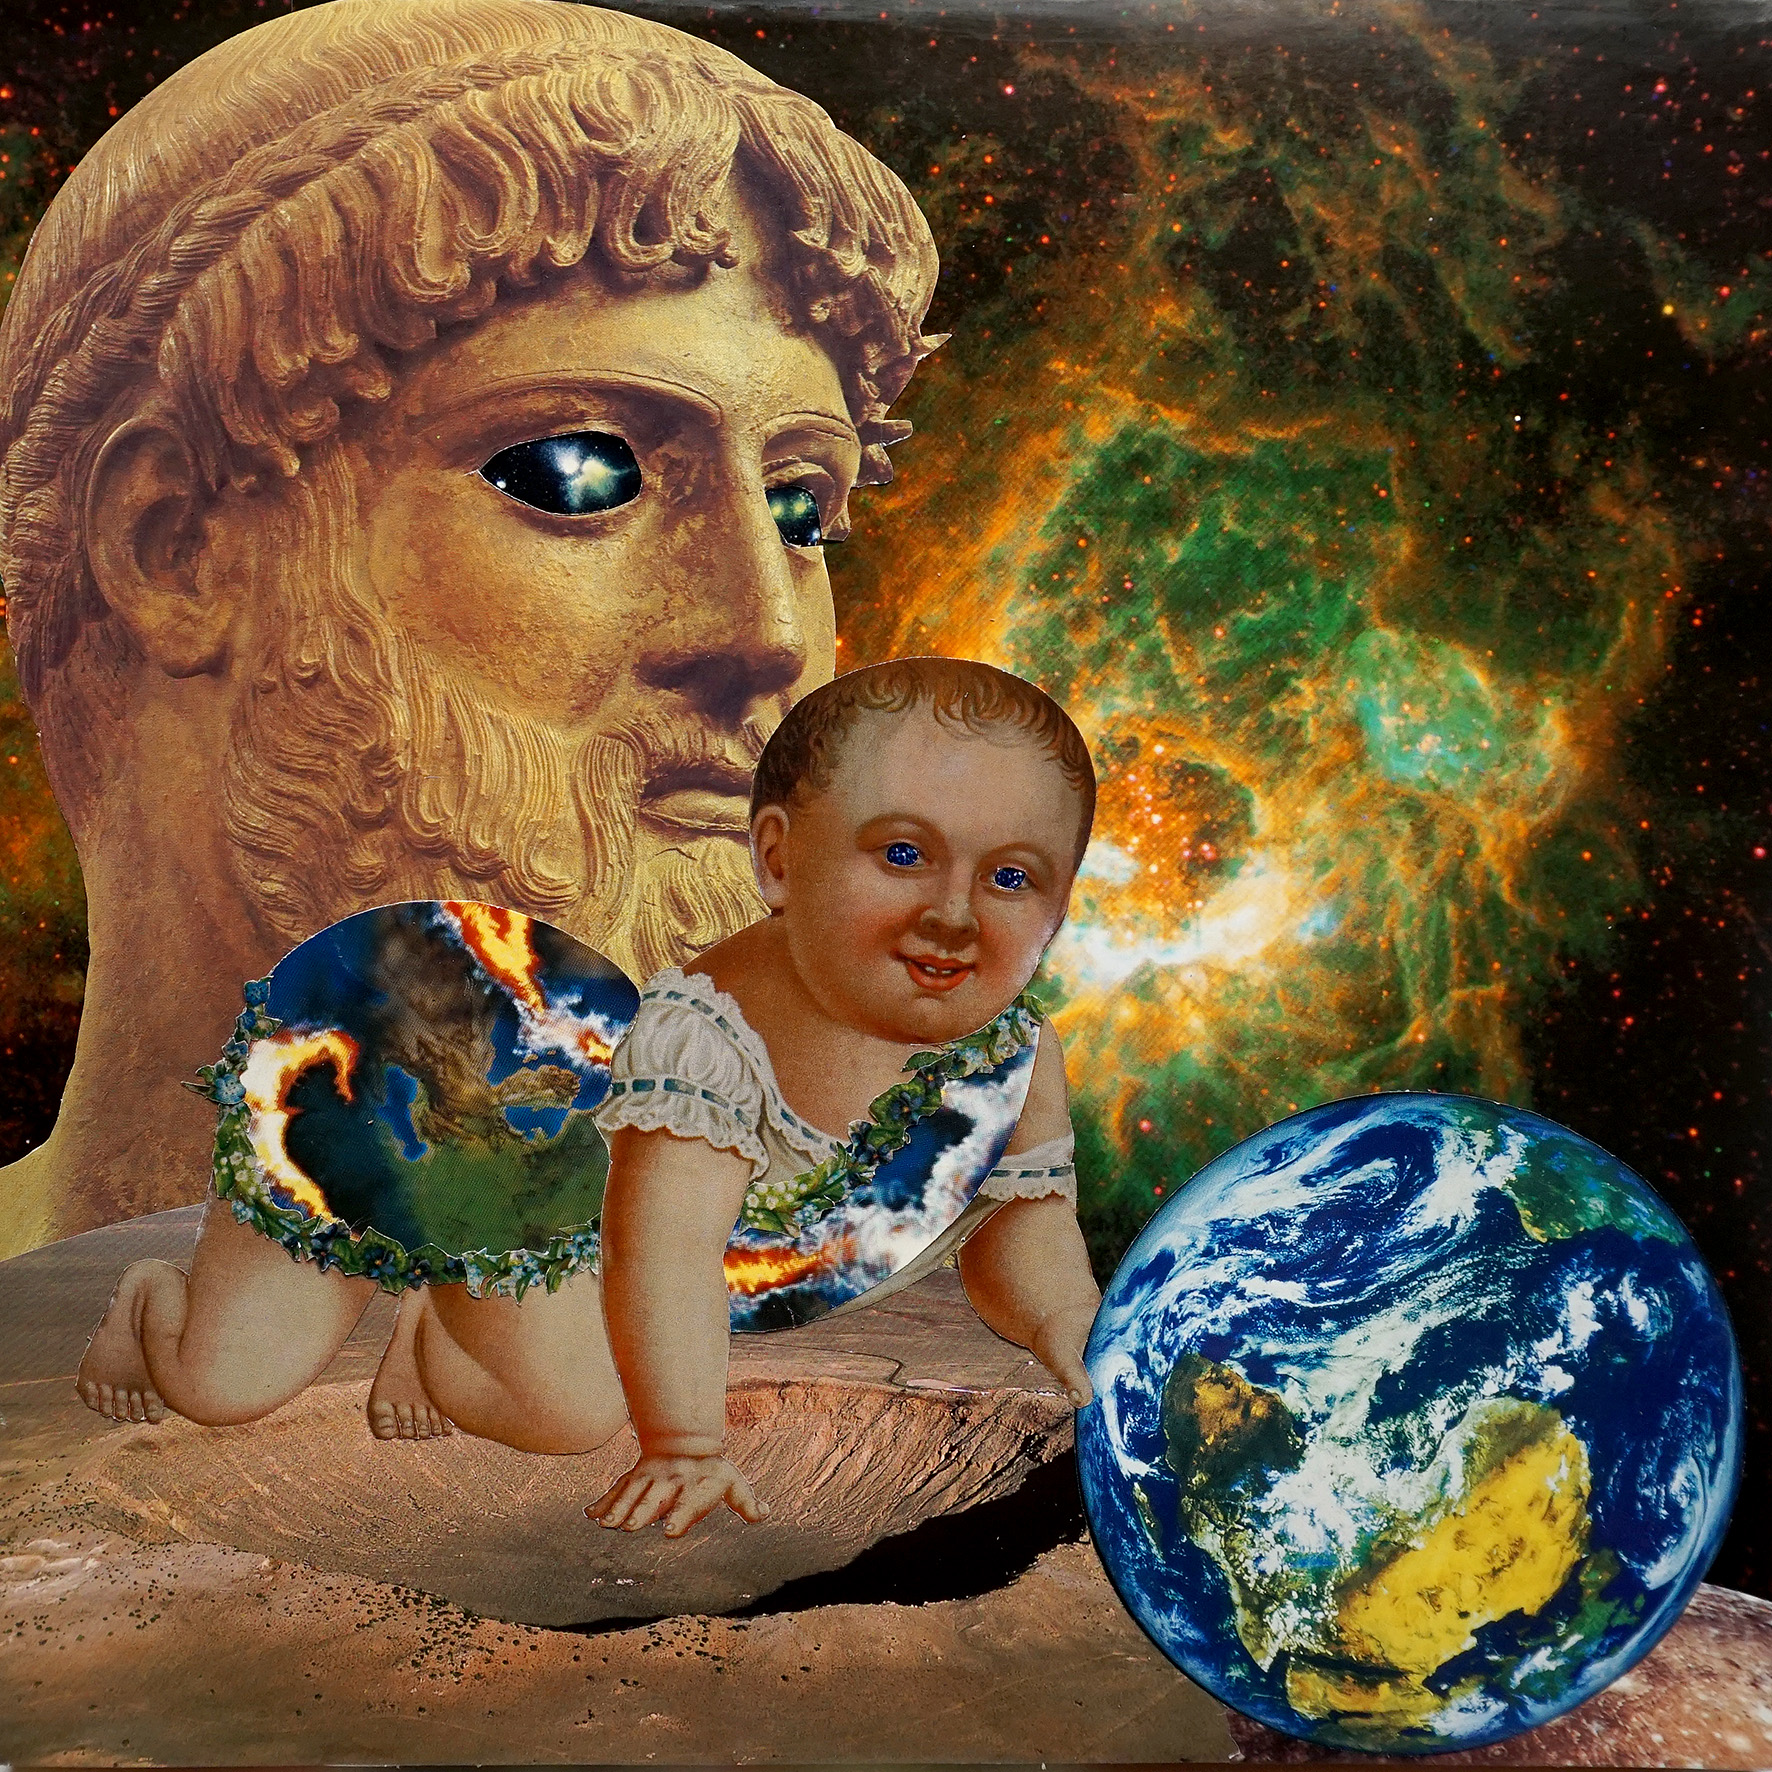 Ein Baby, in einen Stoff aus einem berstenden erdähnlichen Planeten gewickelt greift nach der Erde. Im Hintergrund eine griechische Götterbüste mit Sternaugen voreiner grünen Galaxie